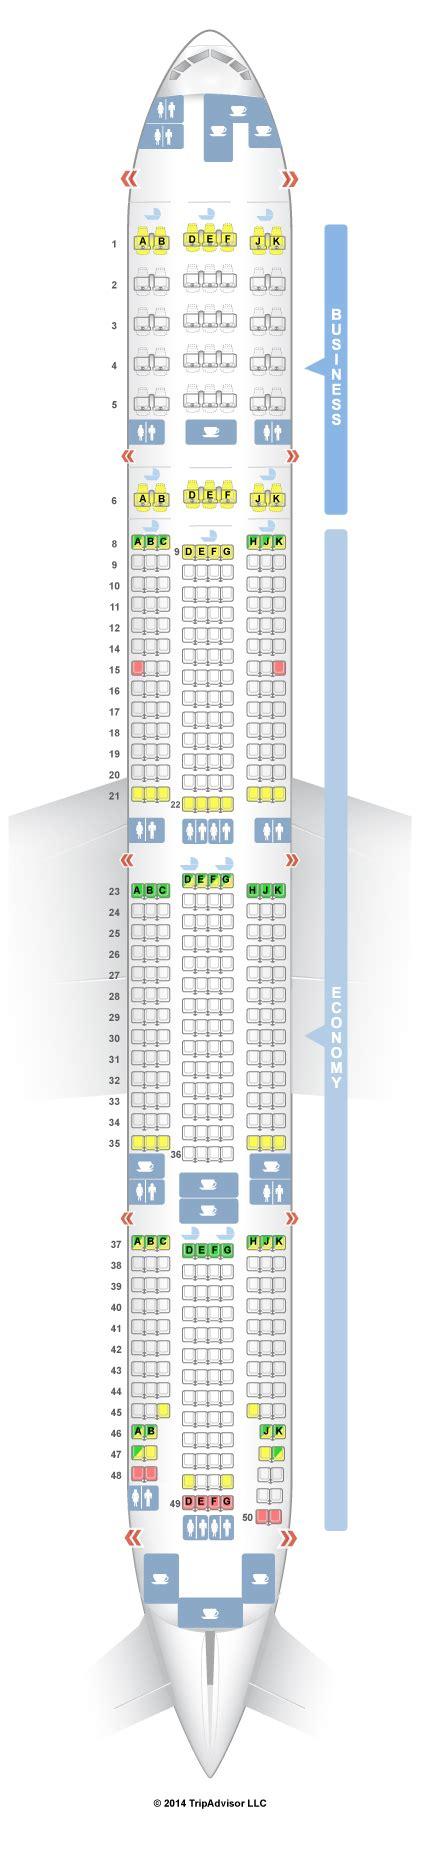 plan si es boeing 777 300er air két osztály 428 férőhely miben lesz más az új emirates